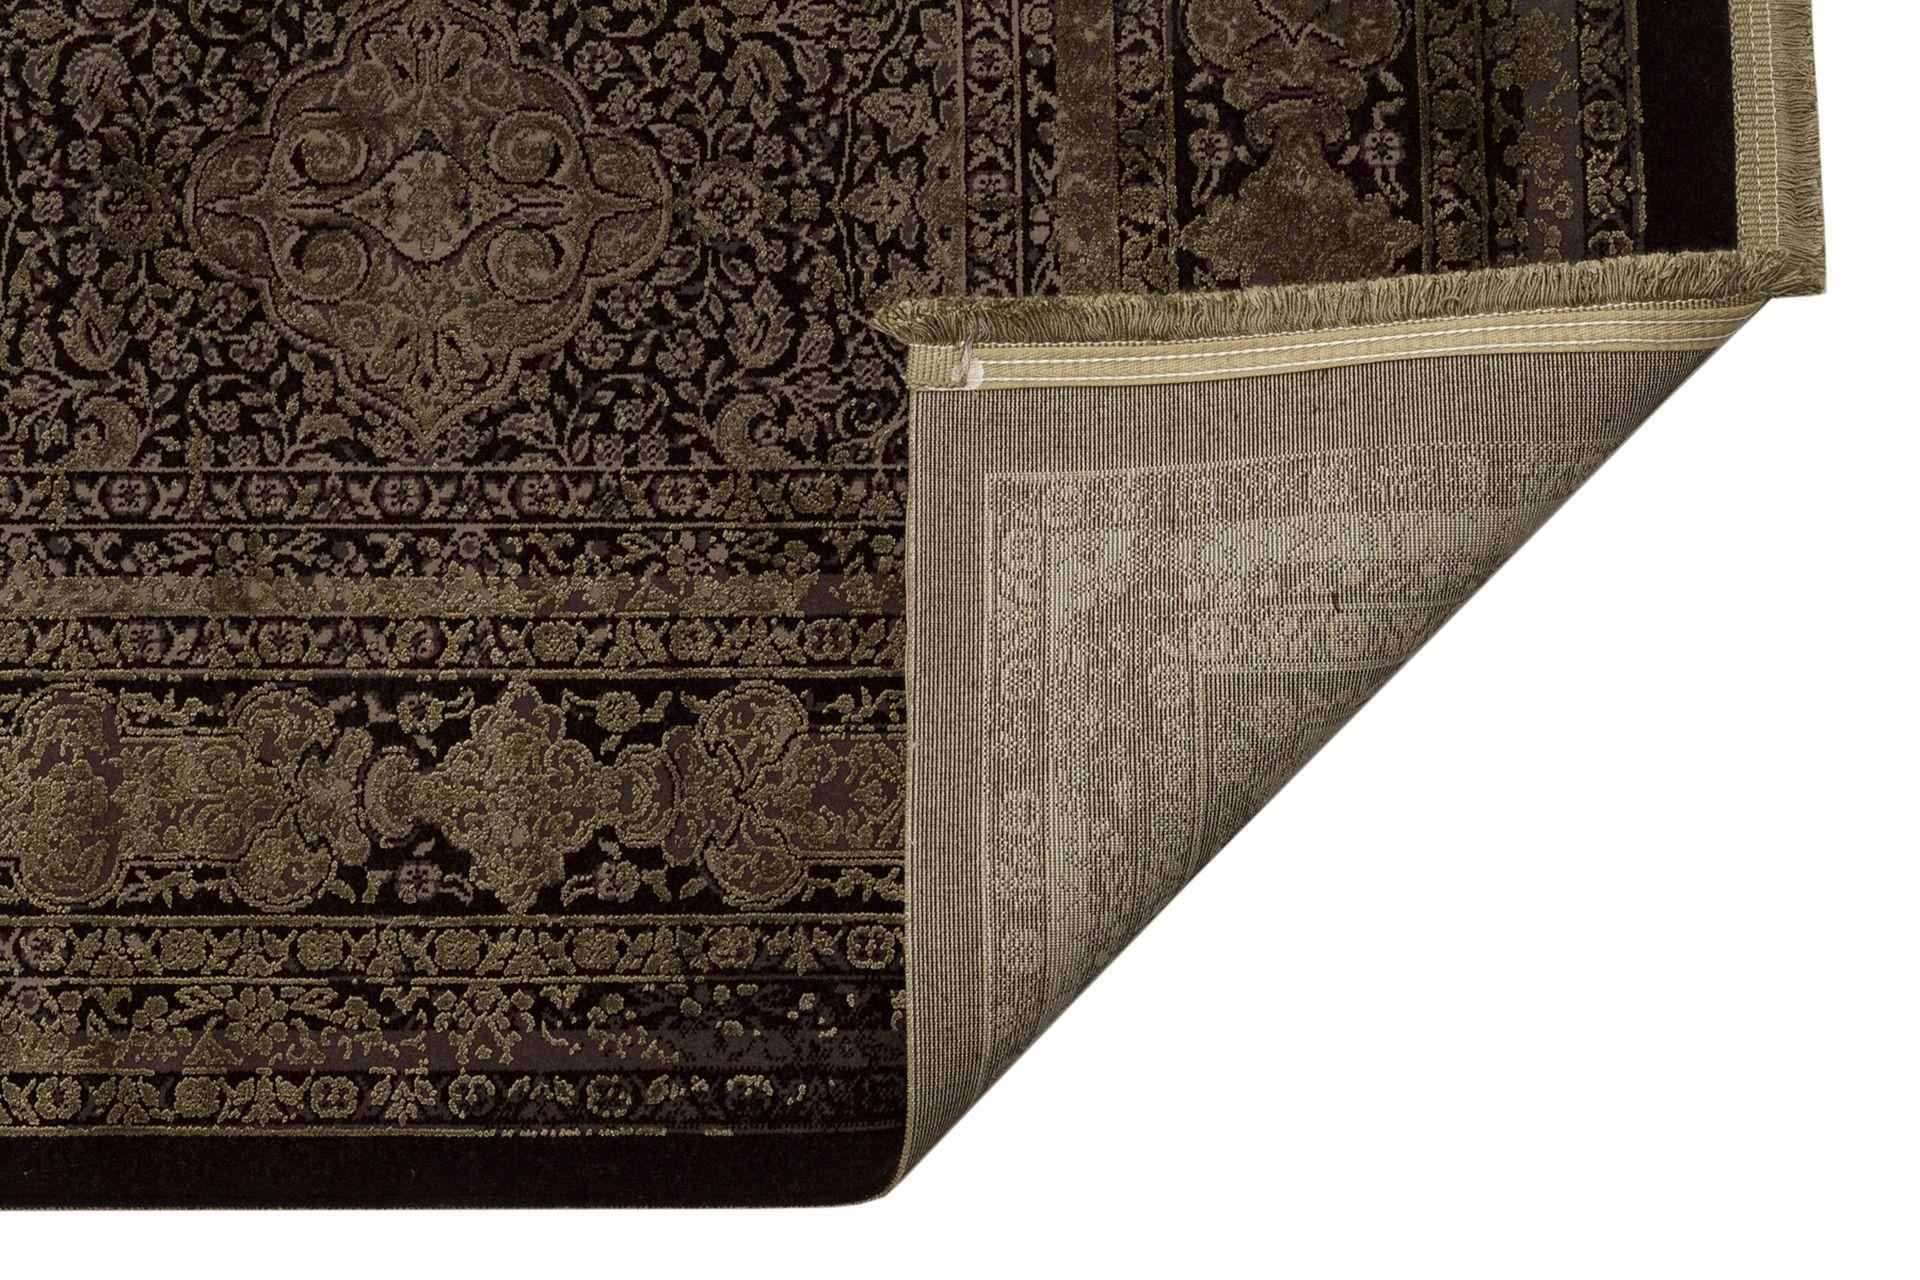 ANADOLU AD 02 ANTRASİT YEŞİL KLASİK DESENLİ SALON HALISI 300x400